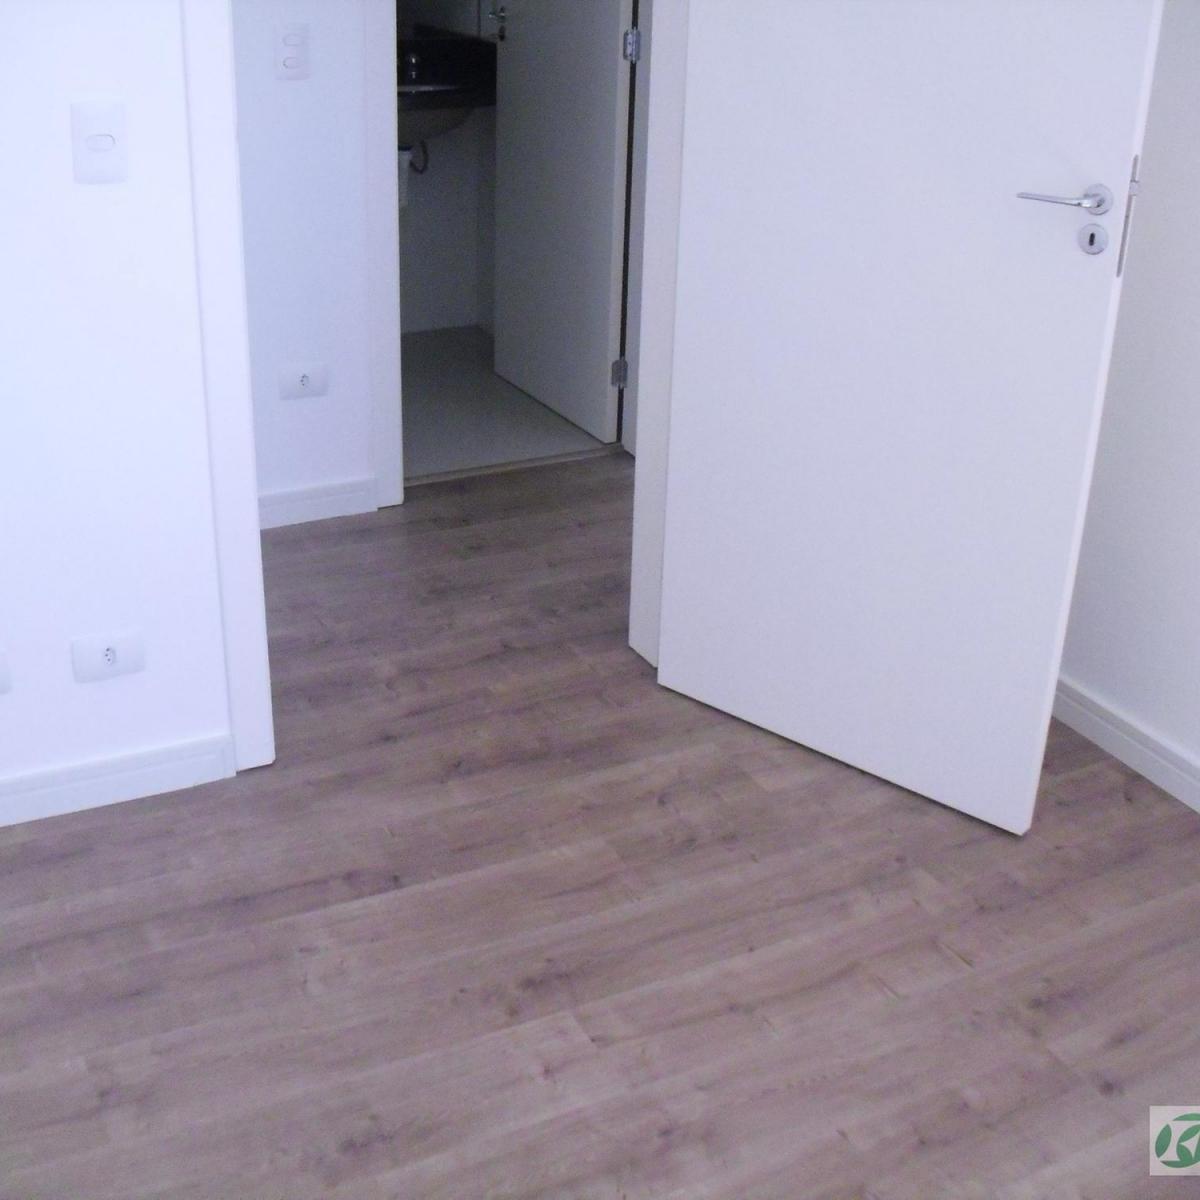 Imagens de #424989  Novo Mundo Curitiba R$ 1.200 91 m2 ID: 2929811013 Imovelweb 1200x1200 px 2916 Box Banheiro Groupon Curitiba